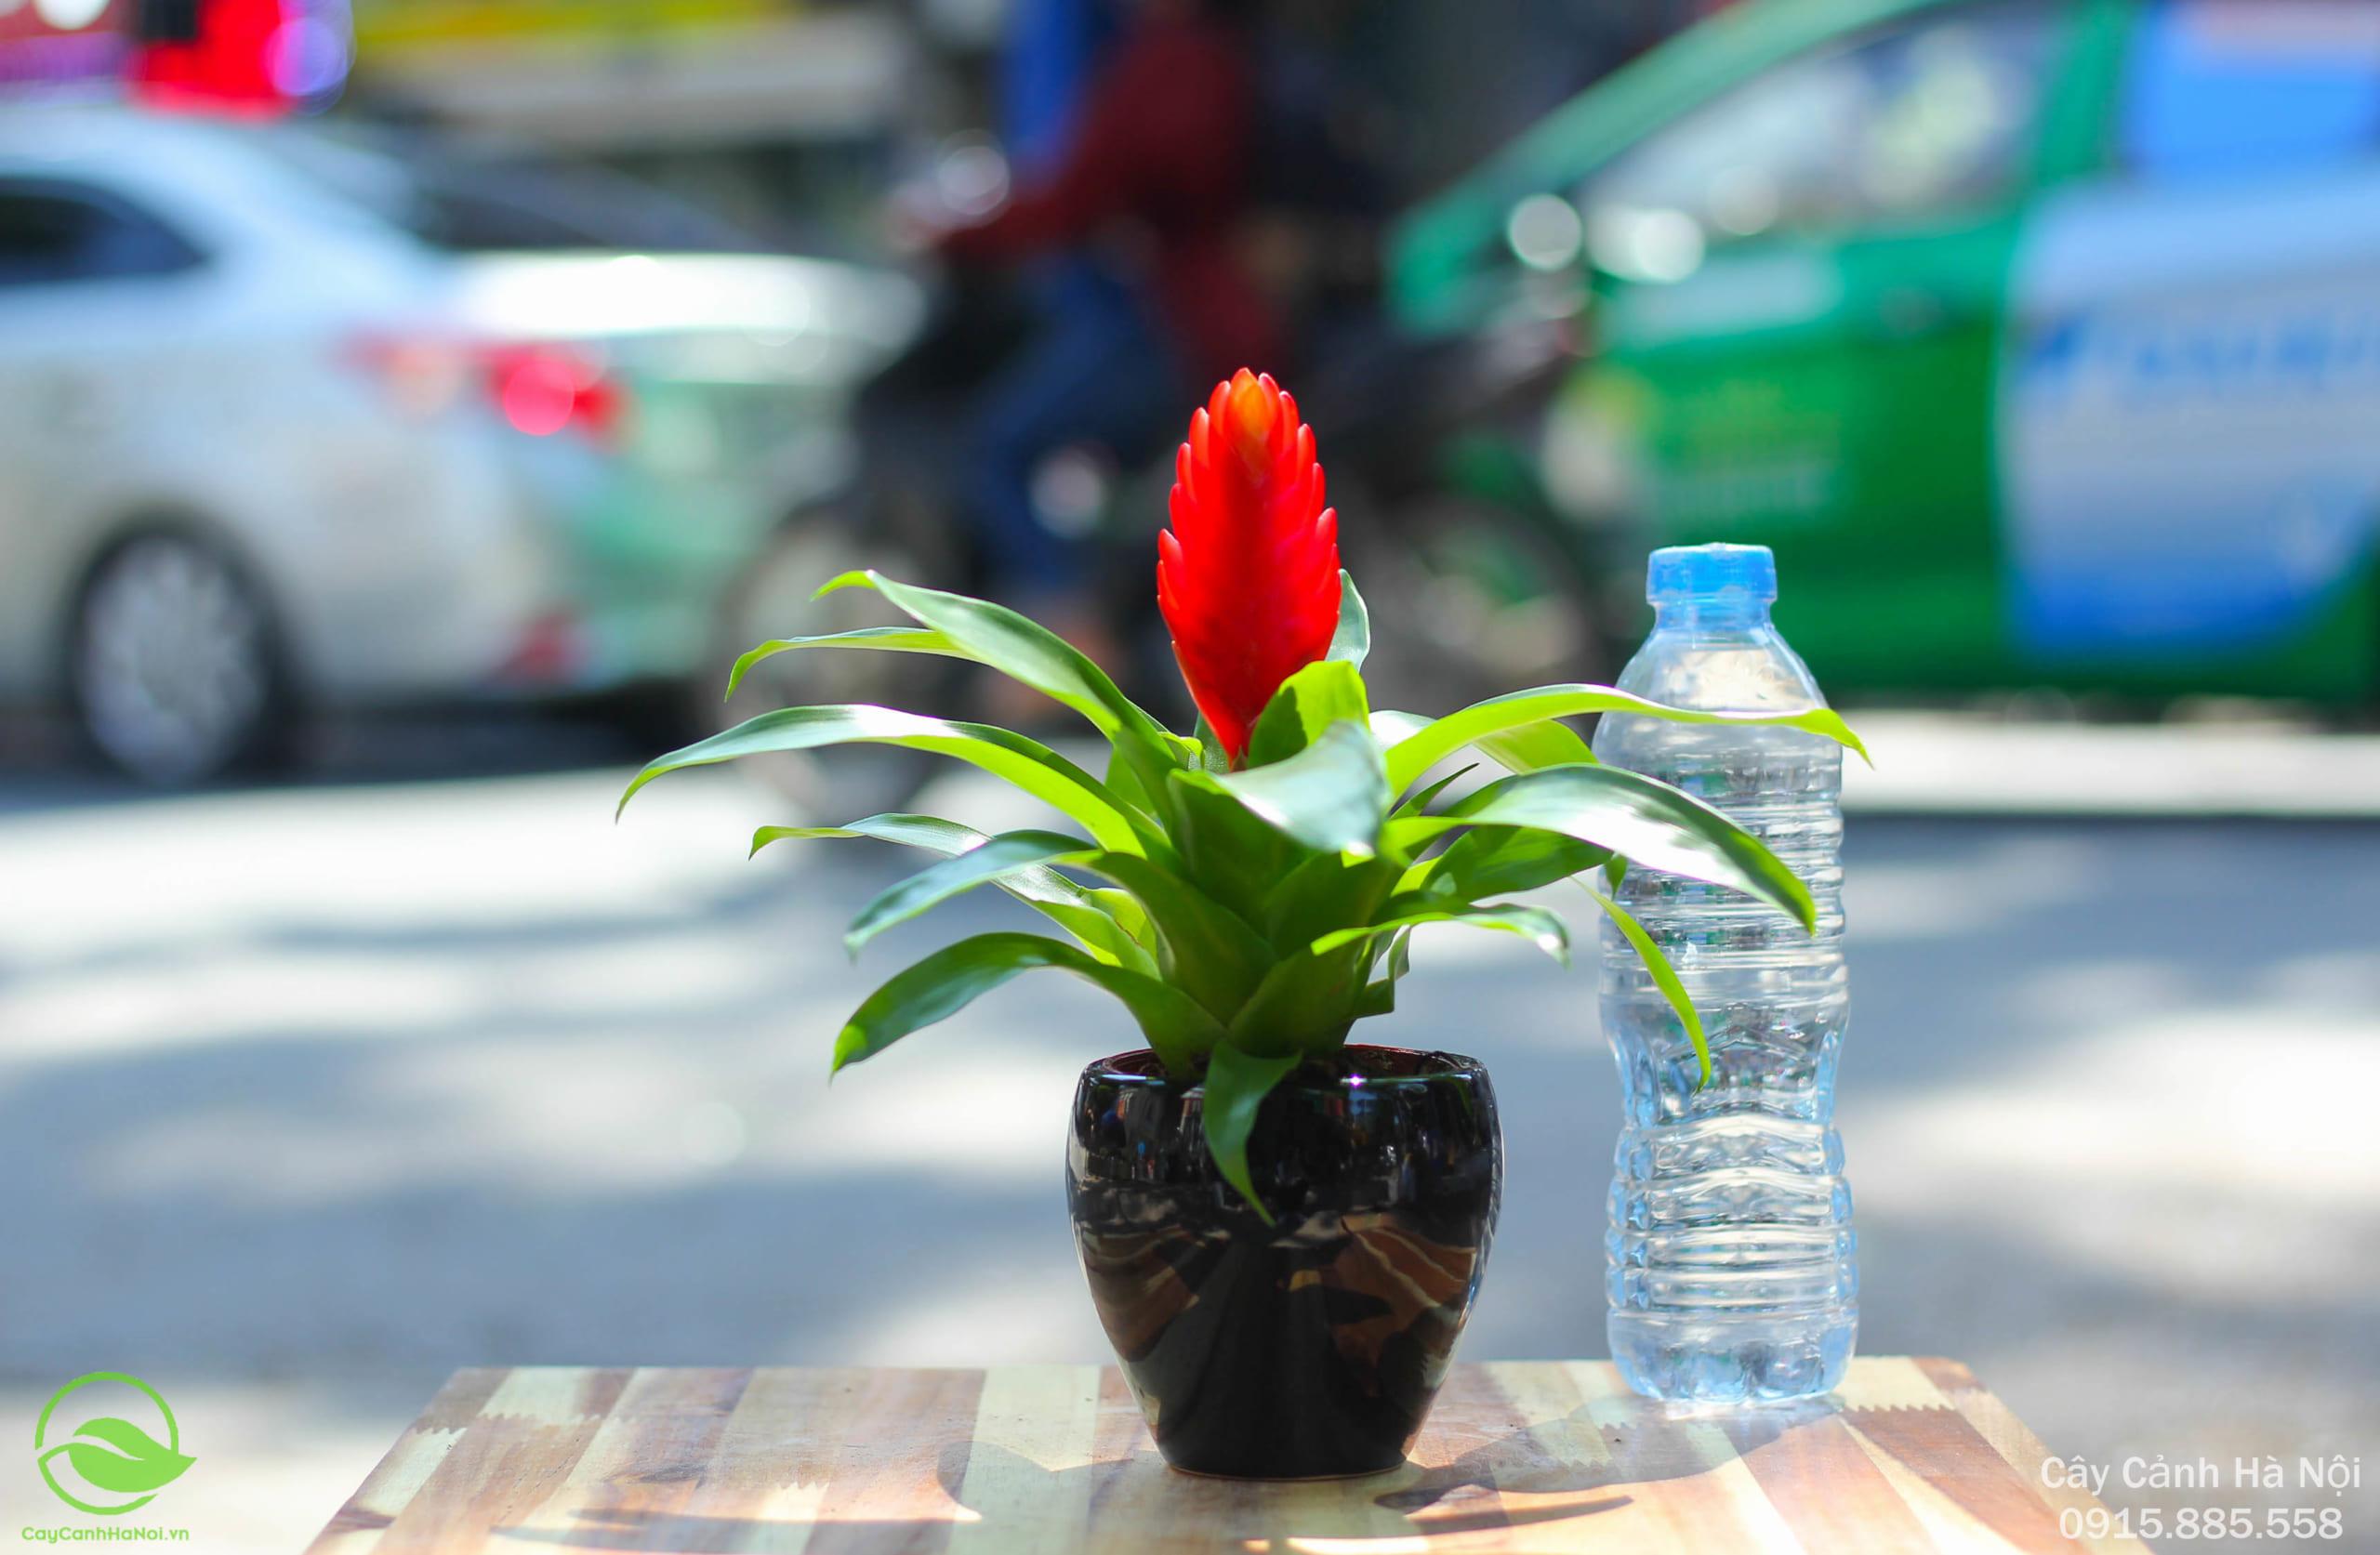 Phong Lộc Hoa - Tuổi Dần hợp cây gì